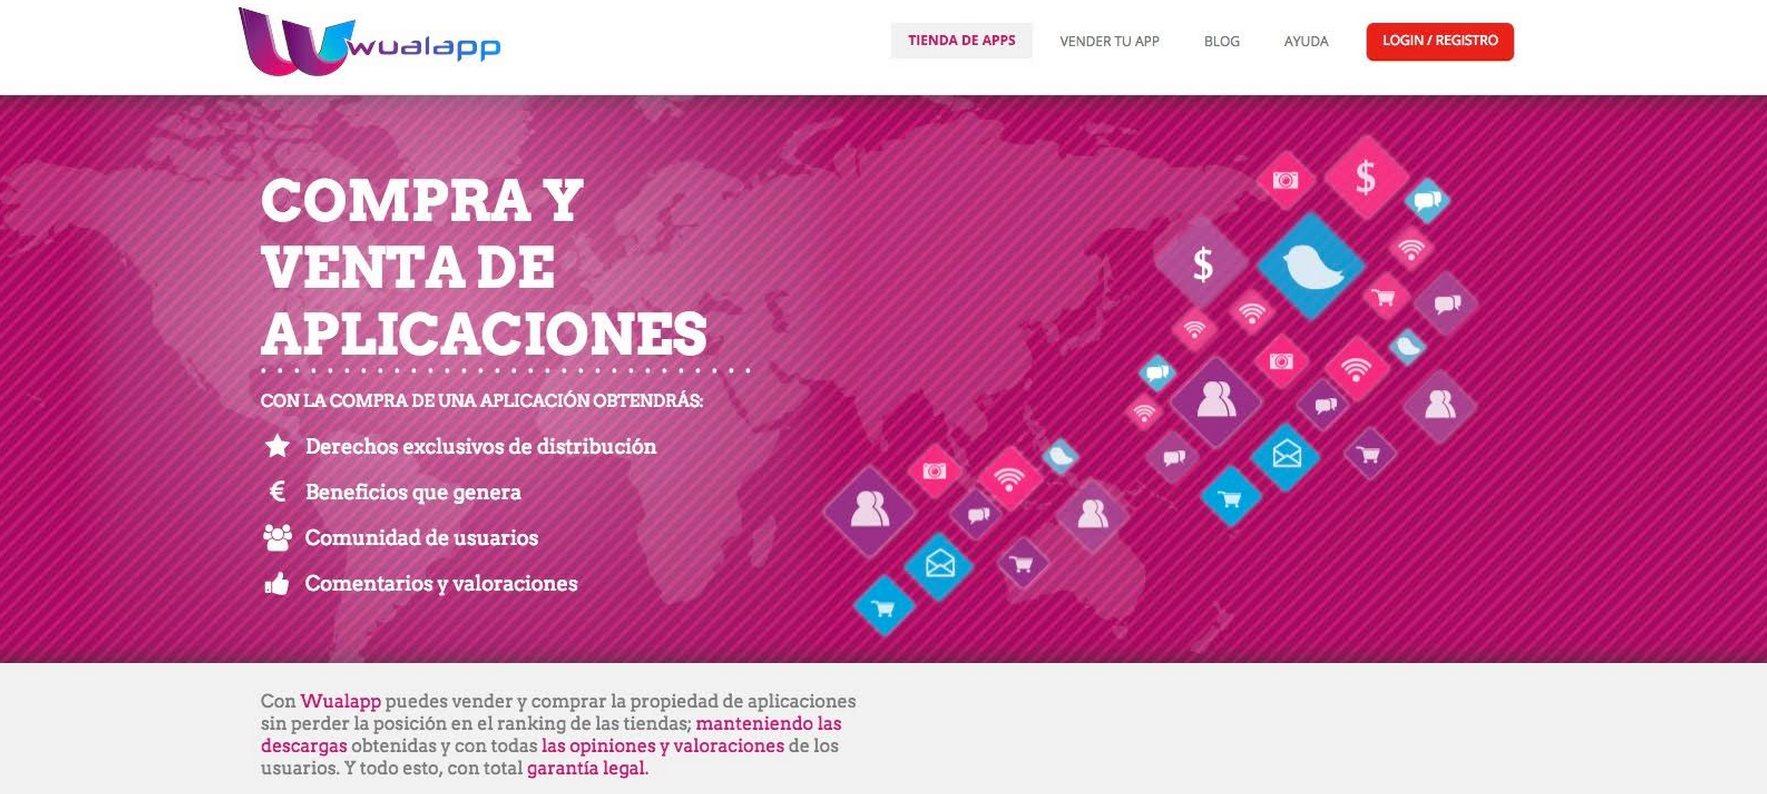 Wualapp ofrece 99 euros a los desarrolladores que registren allí sus apps